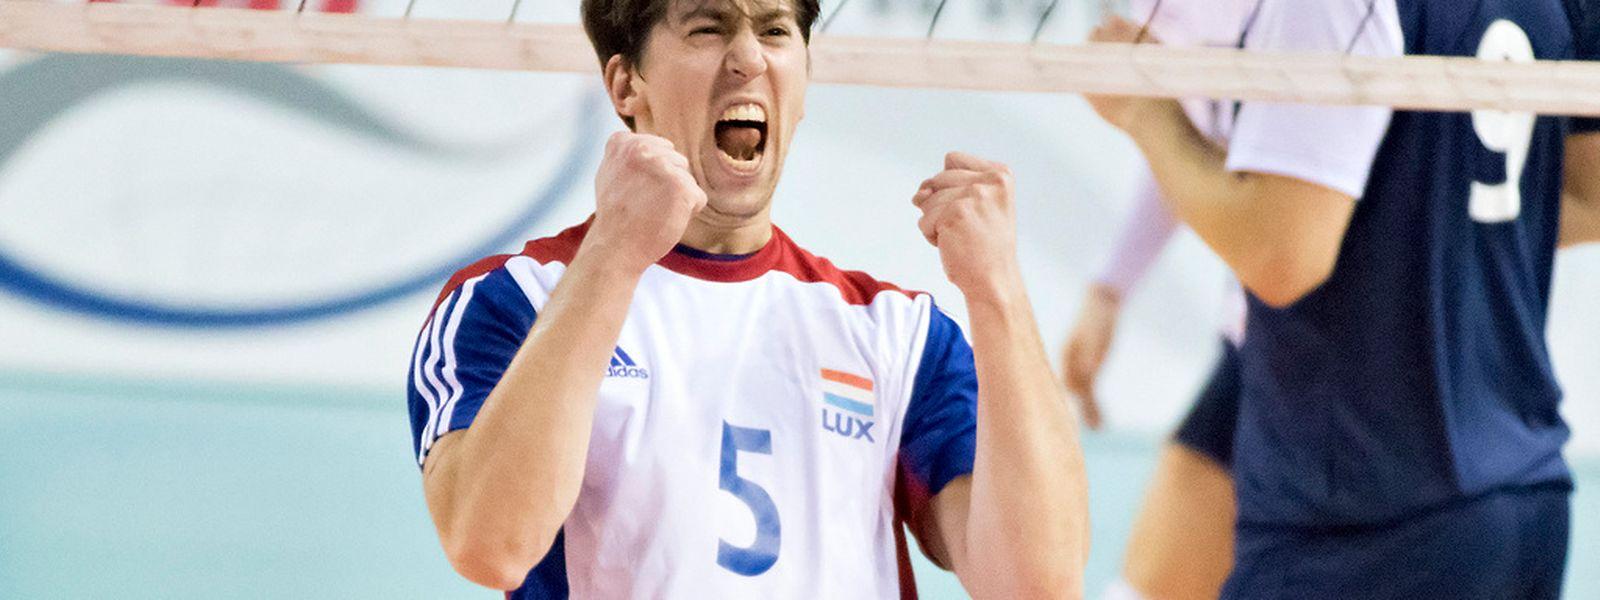 Arnaud Maroldt und seine Team-Kollegen zeigten gegen Norwegen eine eindrucksvolle Leistung.